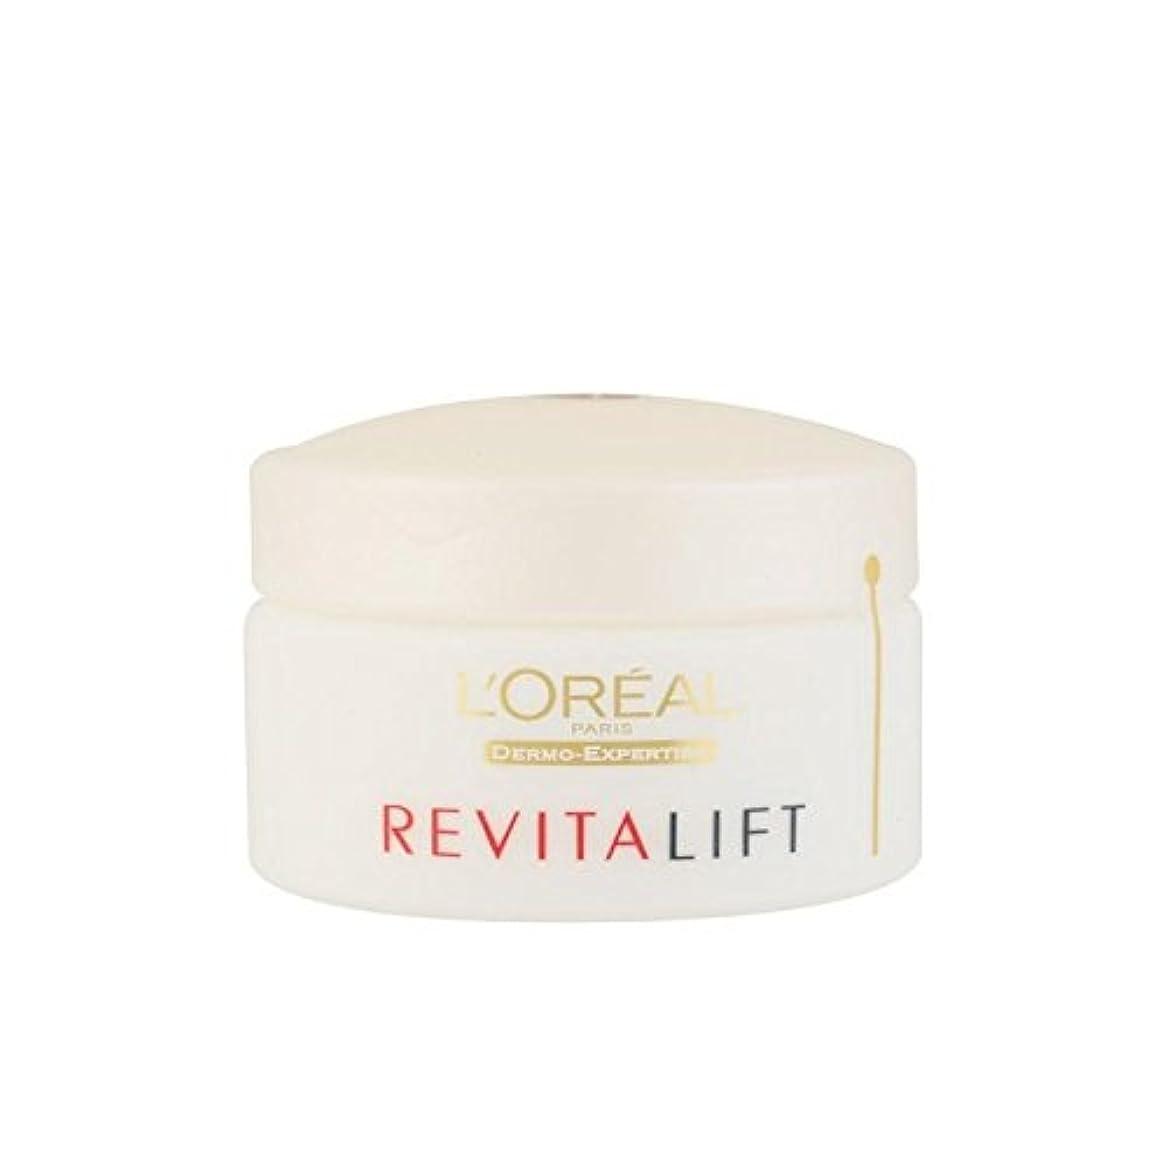 感じるアンソロジー退屈なロレアルパリ、真皮の専門知識の抗シワ+ファーミングデイクリーム(50ミリリットル) x2 - L'Oreal Paris Dermo Expertise Revitalift Anti-Wrinkle + Firming Day Cream (50ml) (Pack of 2) [並行輸入品]